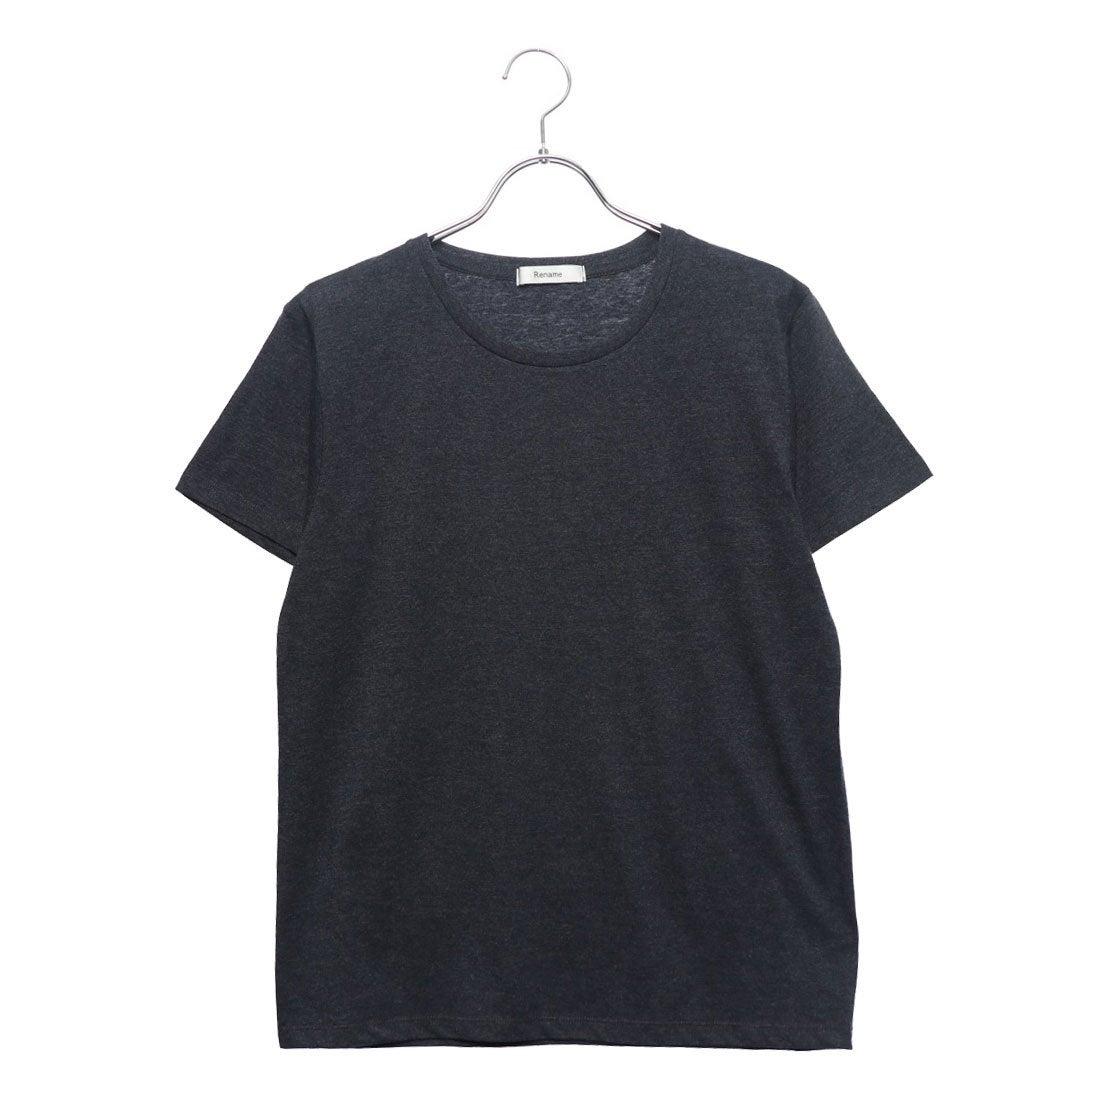 ロコンド 靴とファッションの通販サイトリネーム Rename クルーネックヘビーウェイトTシャツ (ネイビー)